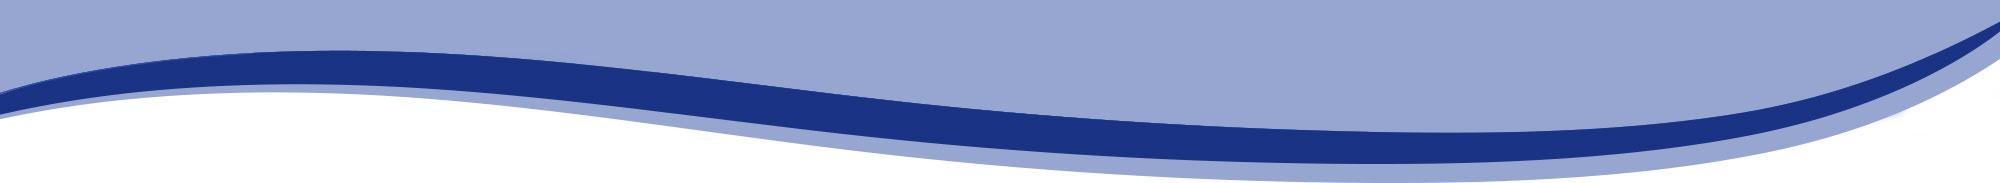 lucretia-divider-veerdienst-strijensas-moerdijk_2